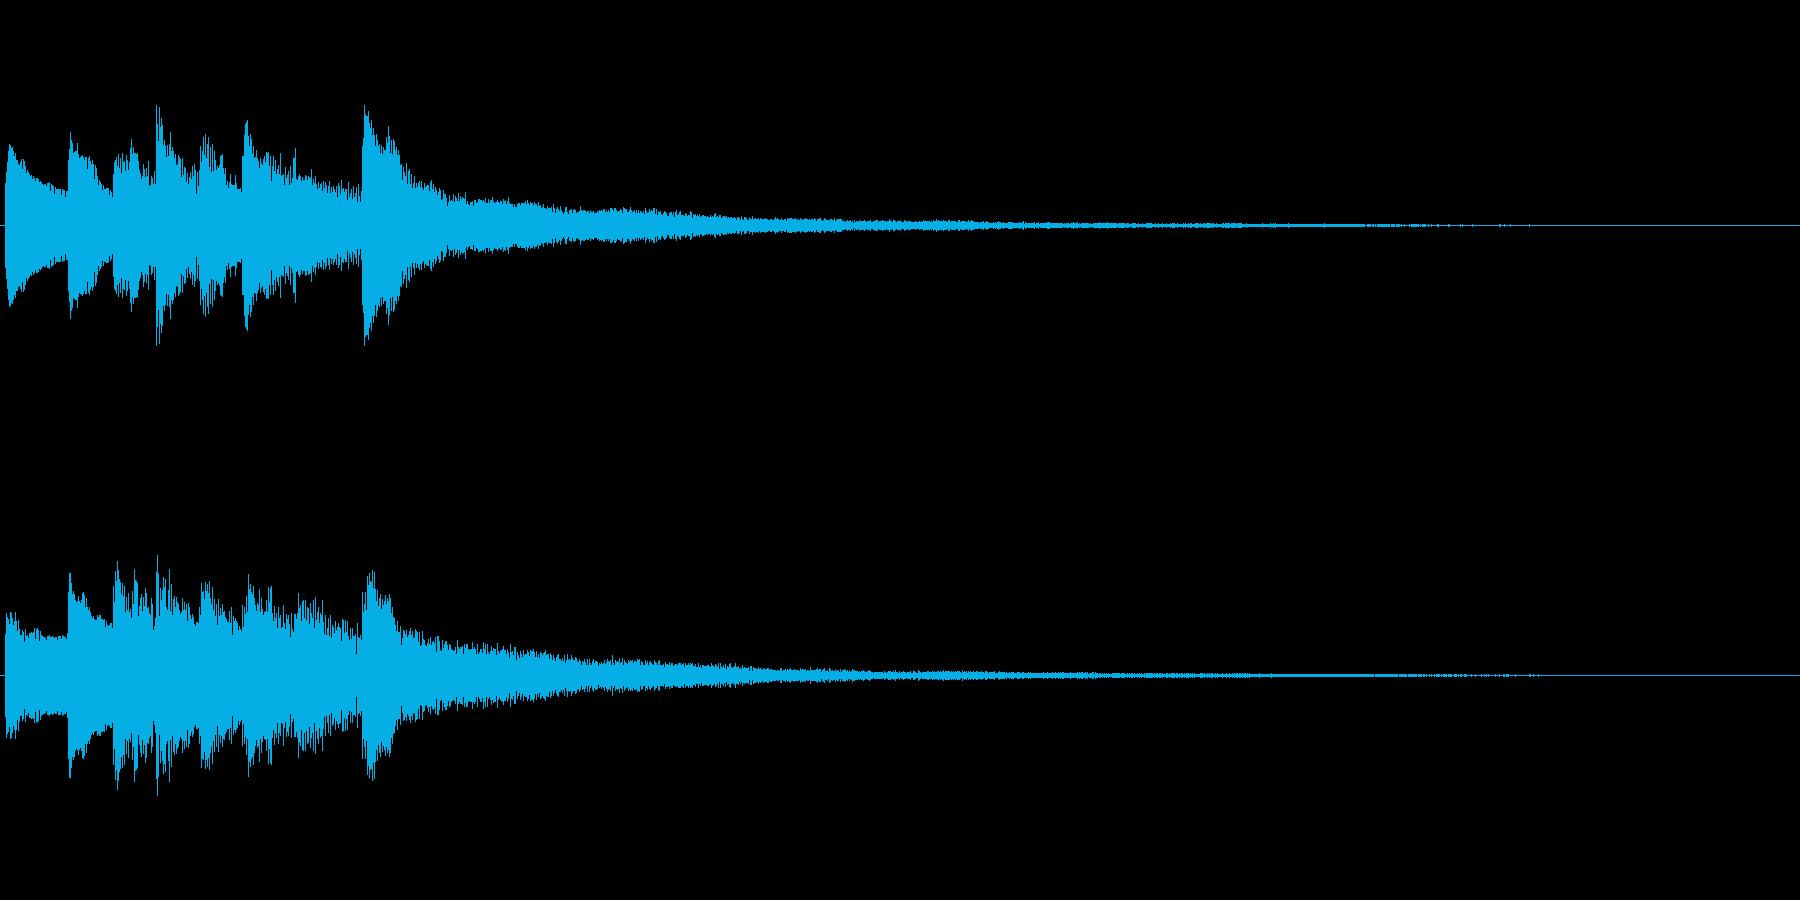 ピアノソロサウンドロゴ 優雅 大人 05の再生済みの波形